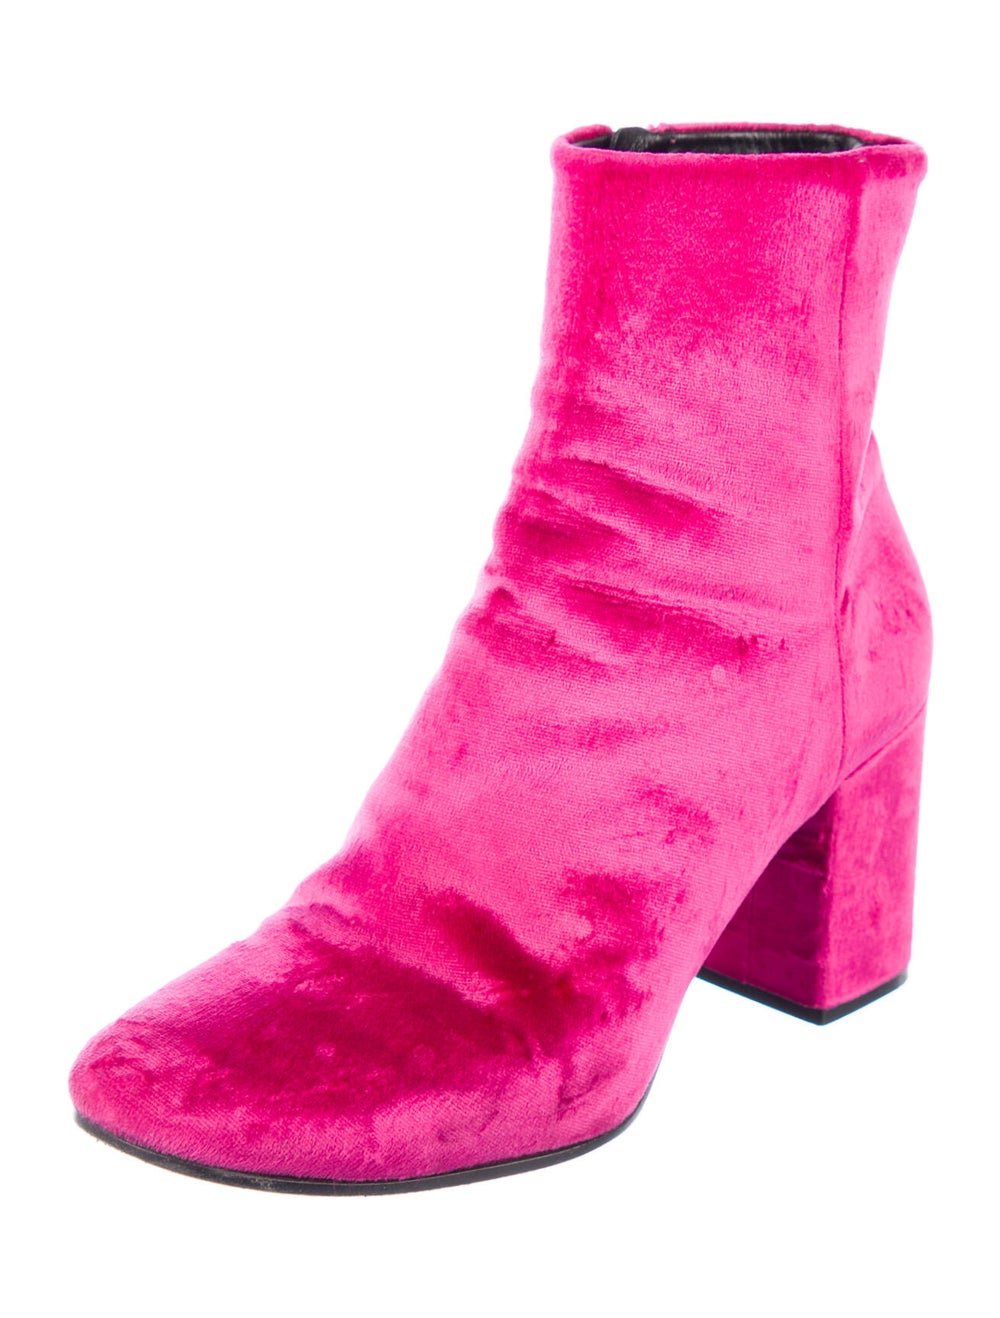 Balenciaga Boots Pink - image 2